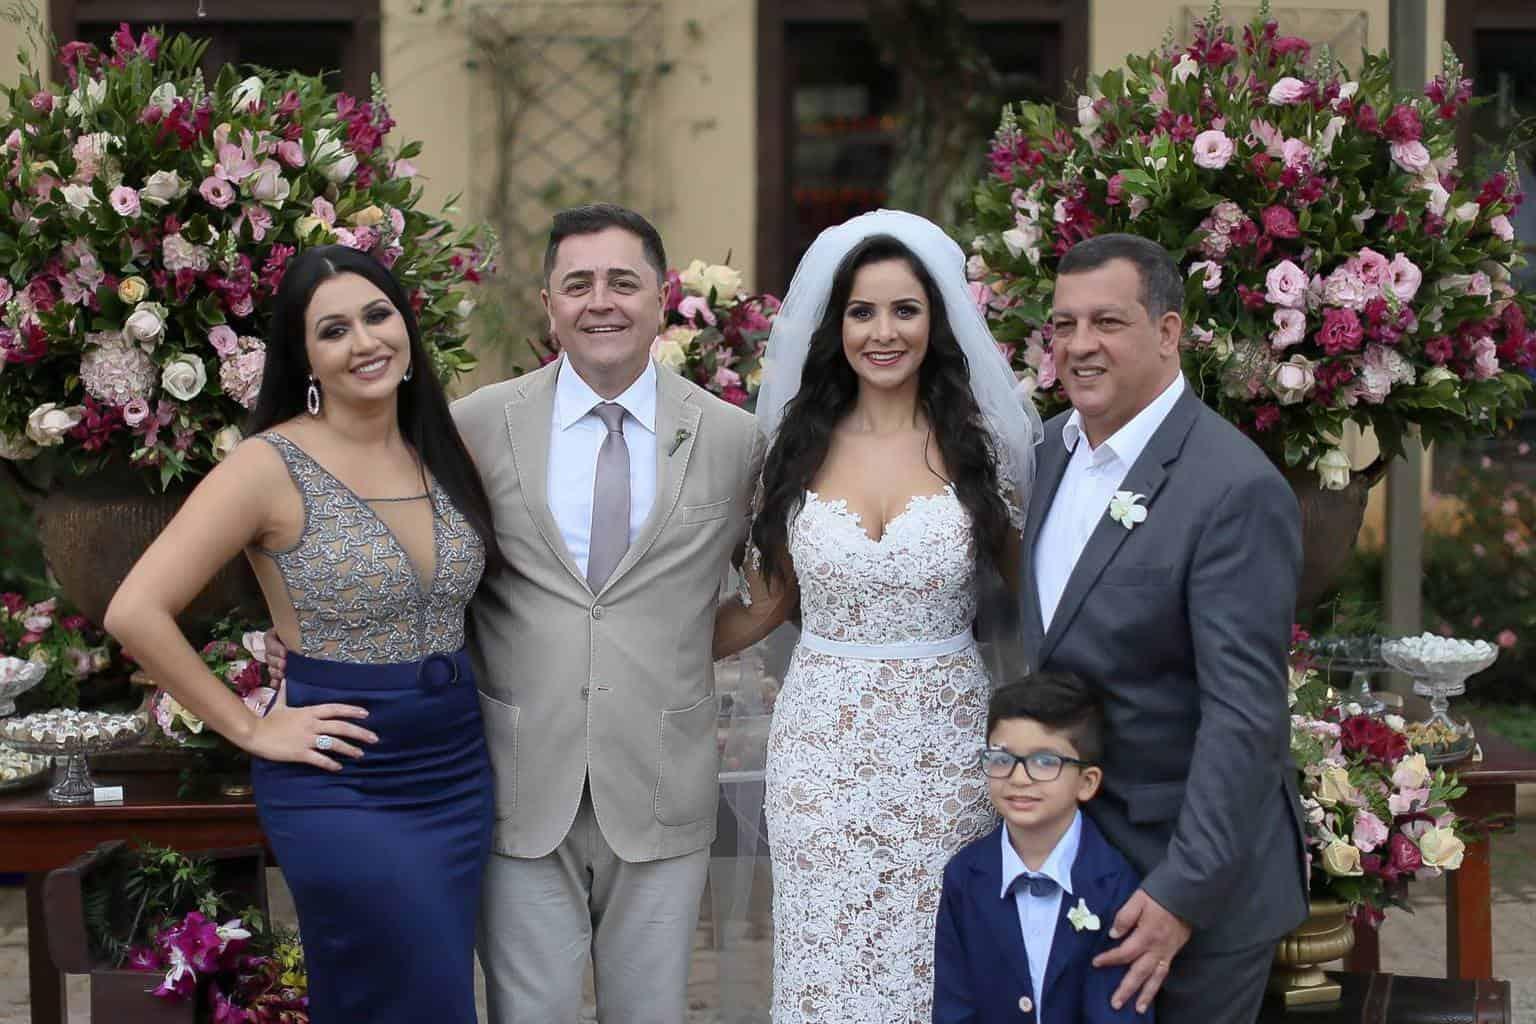 casamento-ariane-e-antonio-carlos-caseme-foto-silvia-penati-44